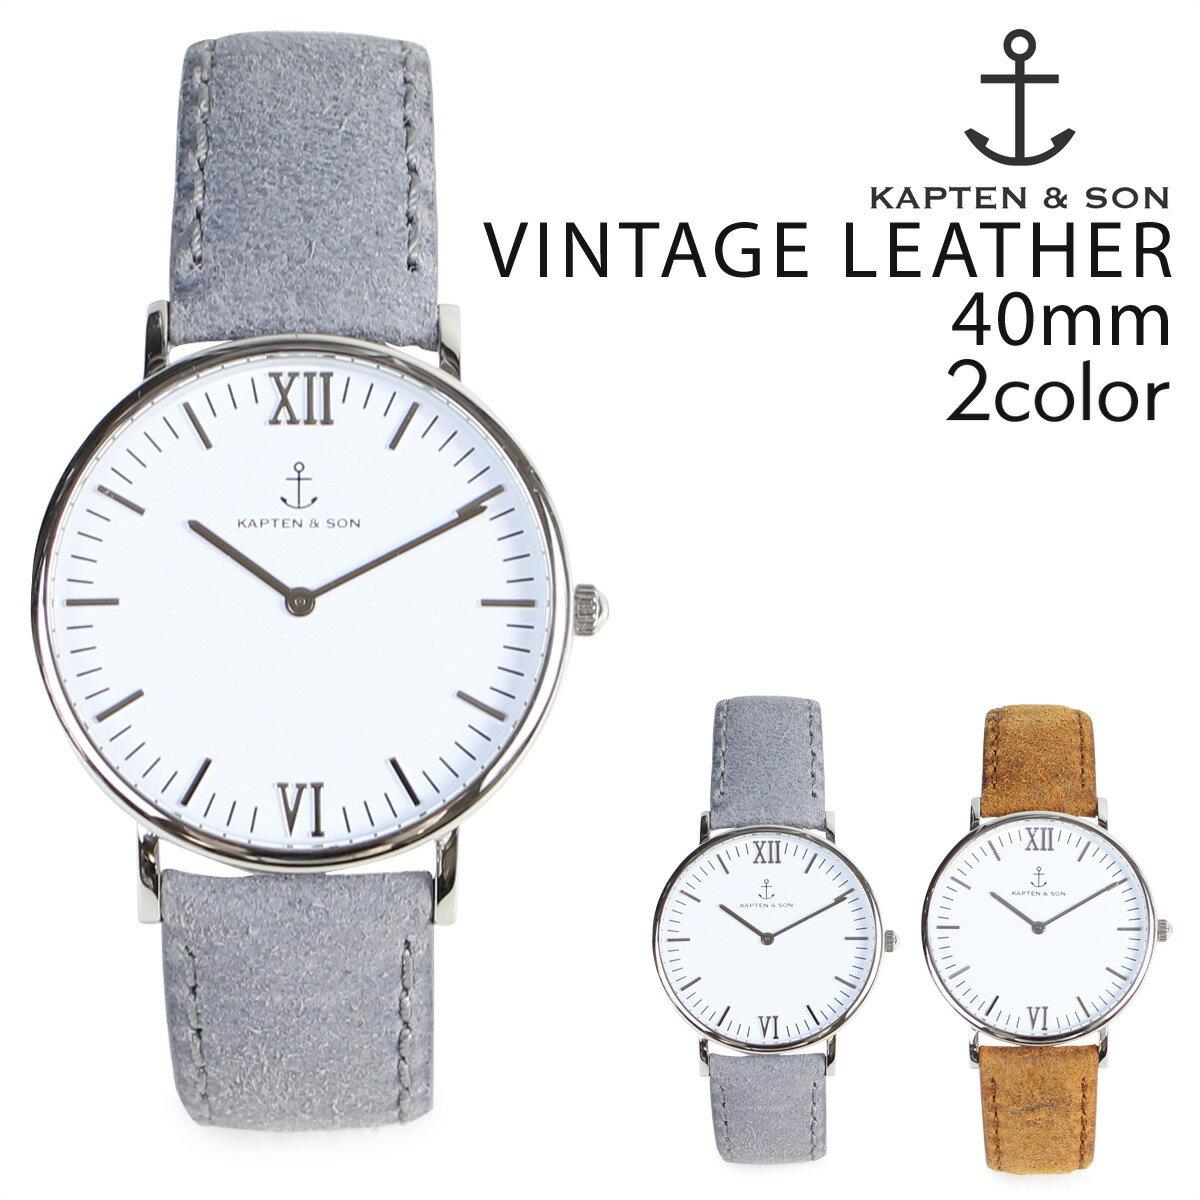 キャプテン&サン KAPTEN&SON 腕時計 時計 レディース 40mm スウェードレザー VINTAGE LEATHER グレー